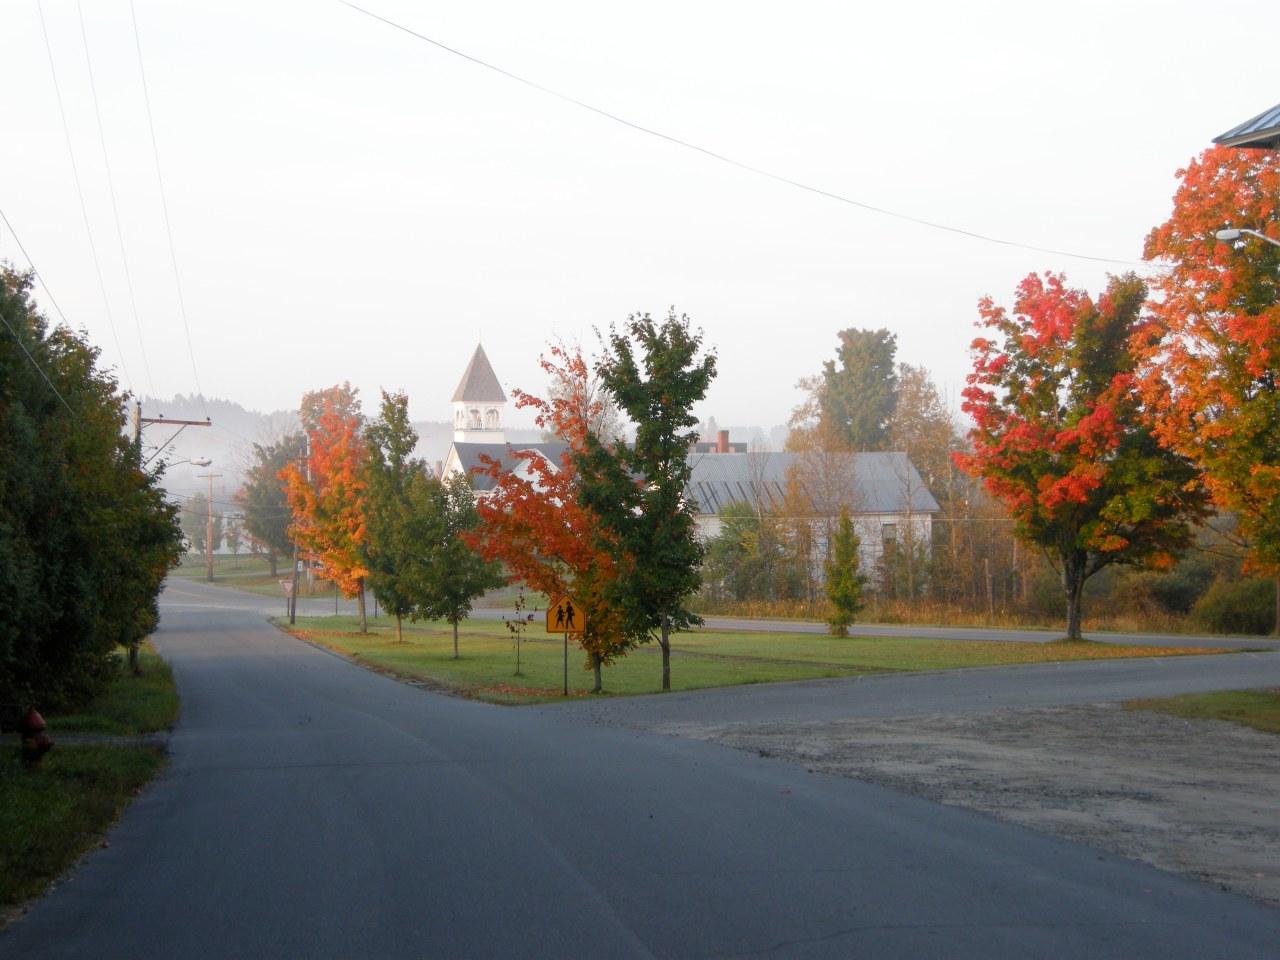 2008 – Fall foliage in town